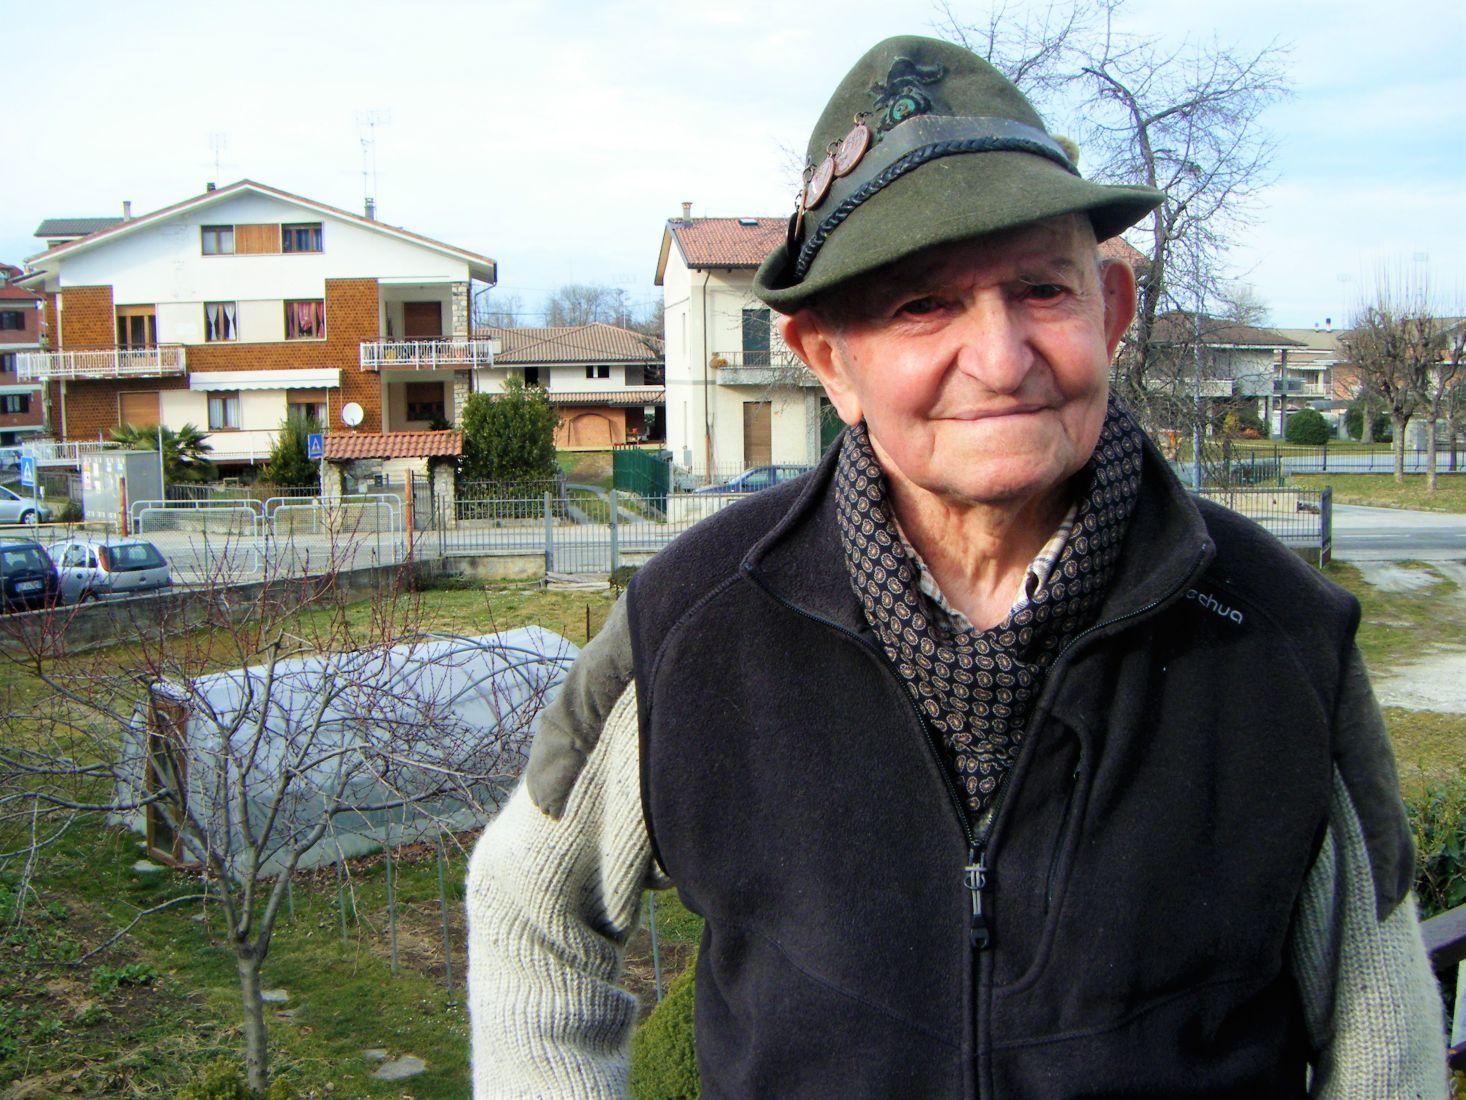 La Guida - È scomparso Andrea Macario, l'alpino più anziano di Boves